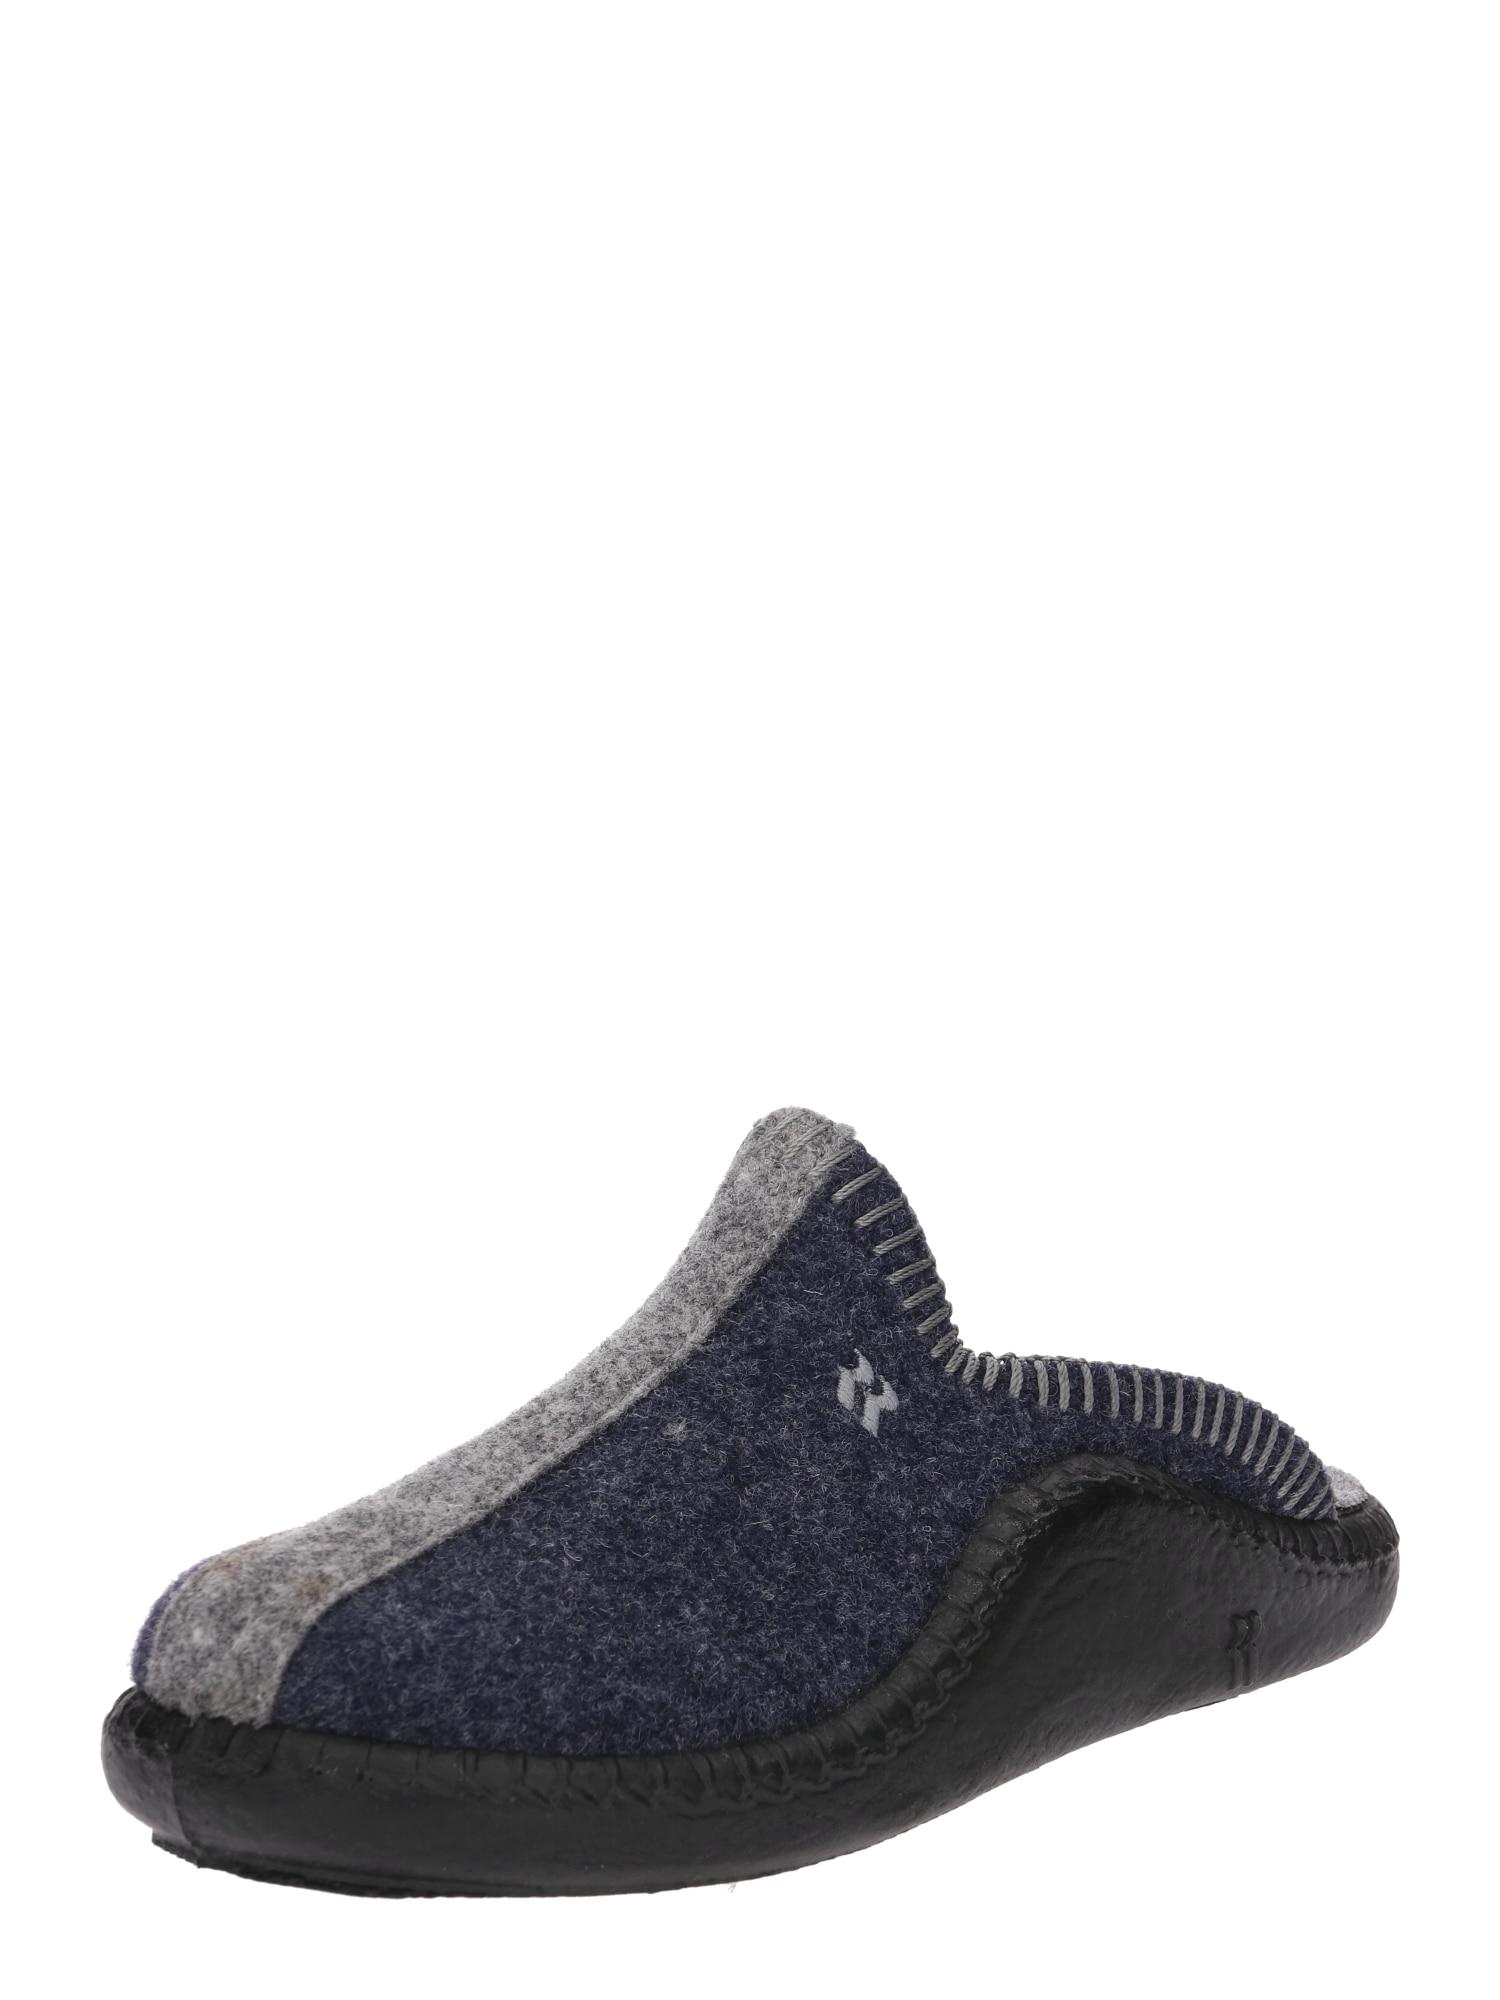 Pantofle Mokasso námořnická modř šedá ROMIKA